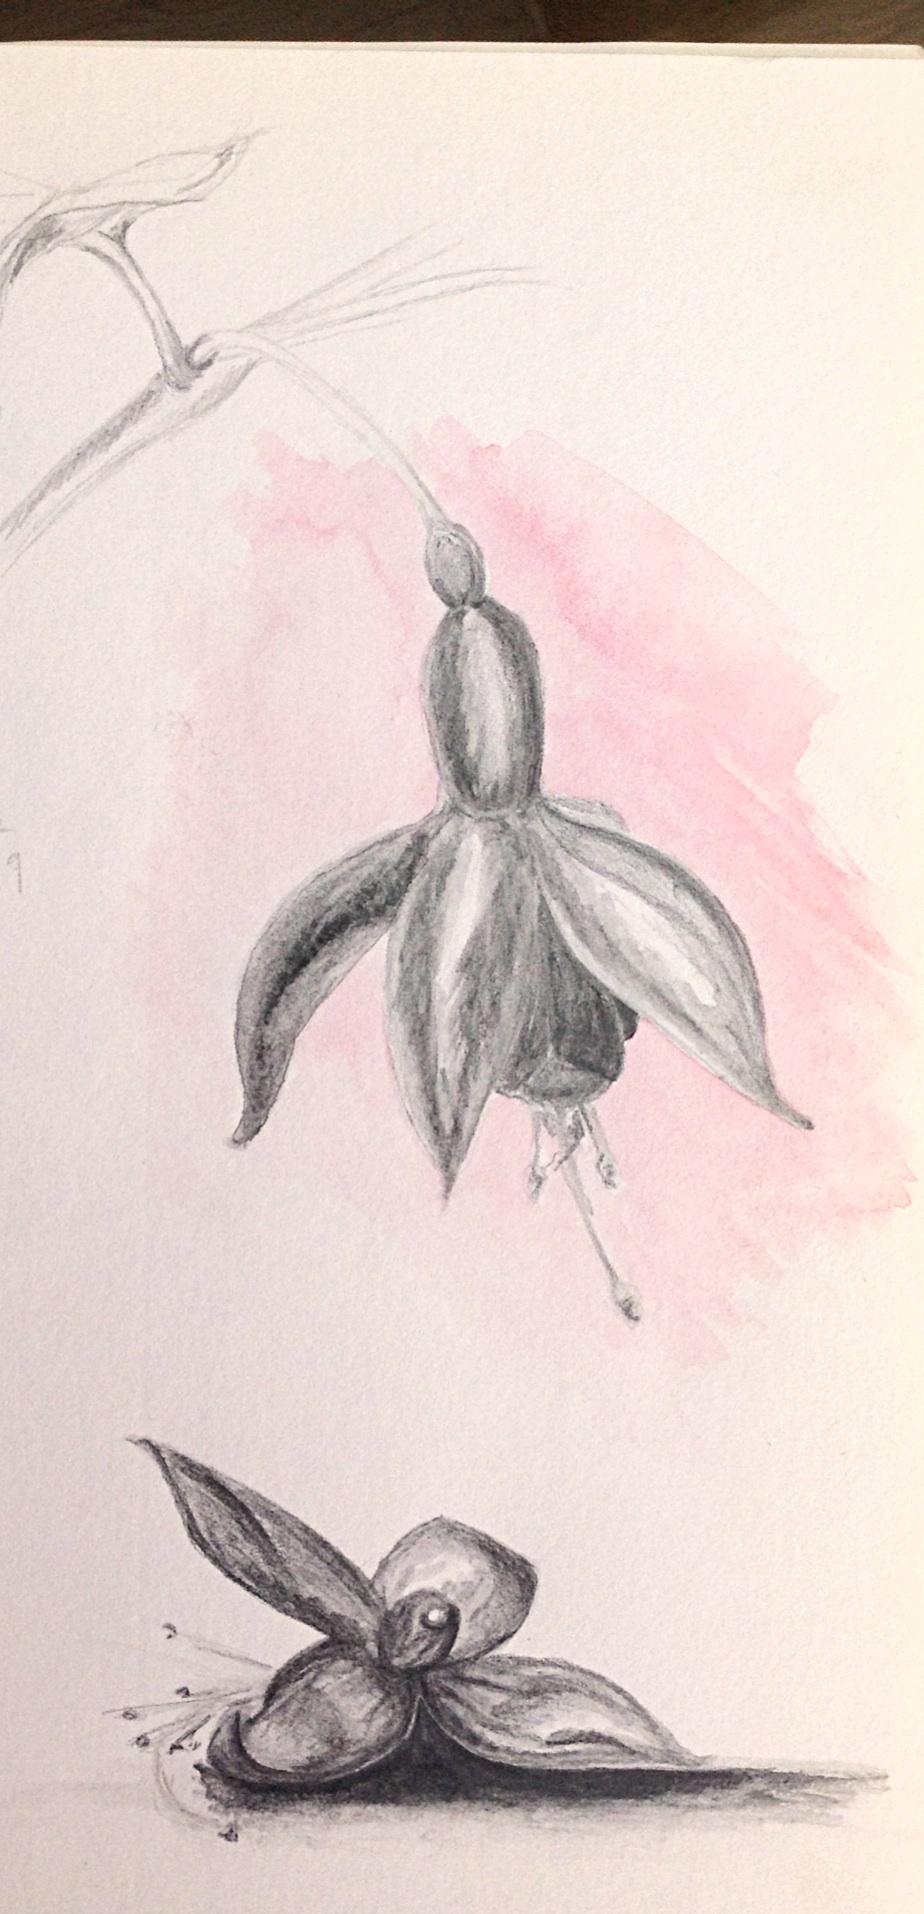 Image-1 (13)